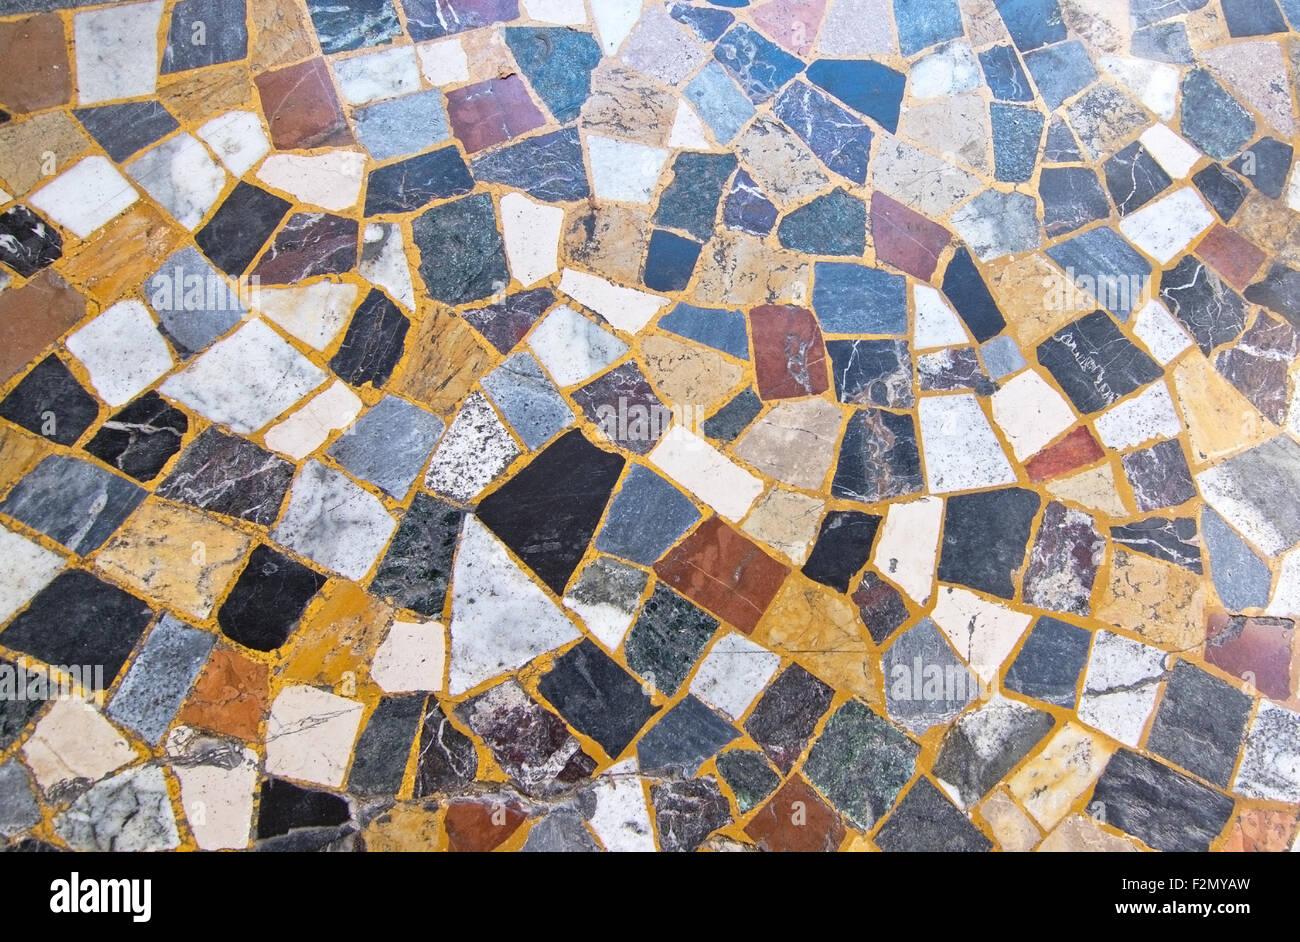 Stein Mosaik Boden Muster Nahaufnahme Von Malta Stockfoto Bild